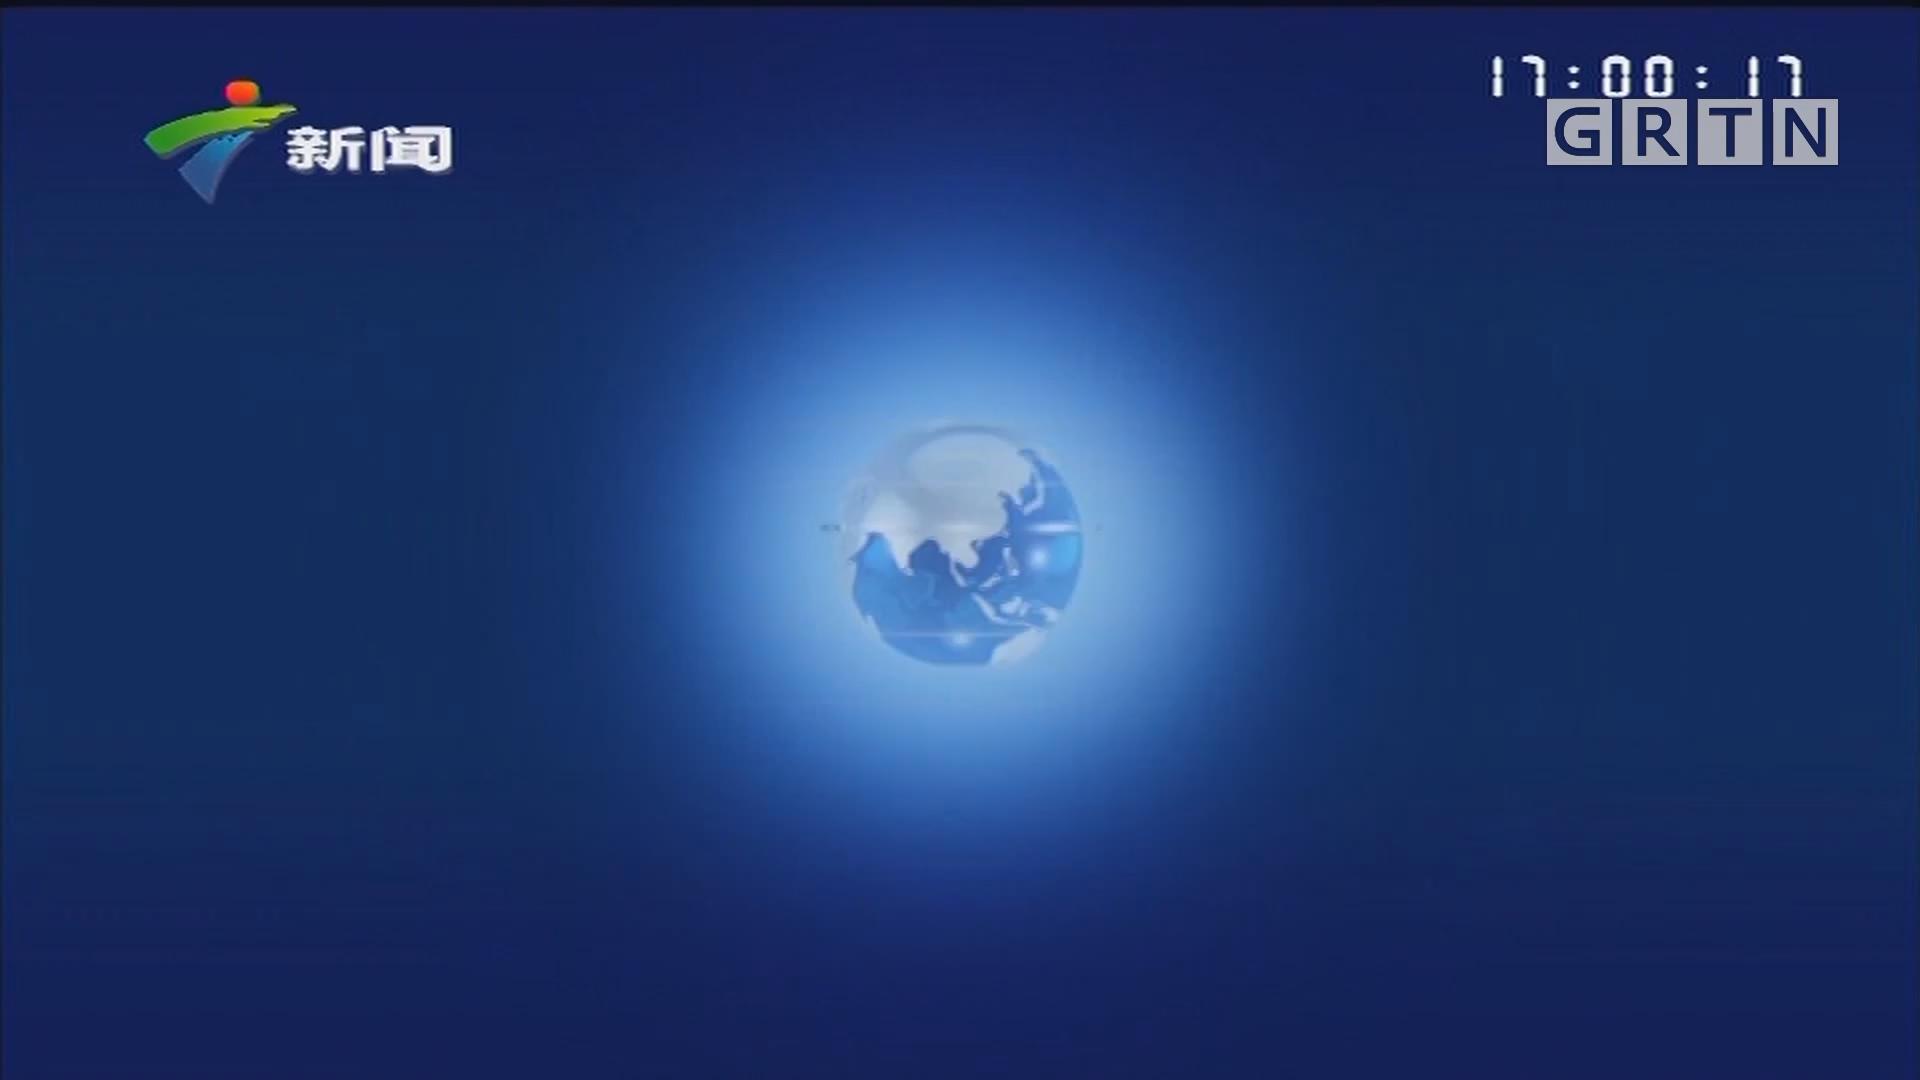 [HD][2019-12-11-17:00]正点播报:2020年春节花市打响竞投战:白云花市档位标王18018元创新高